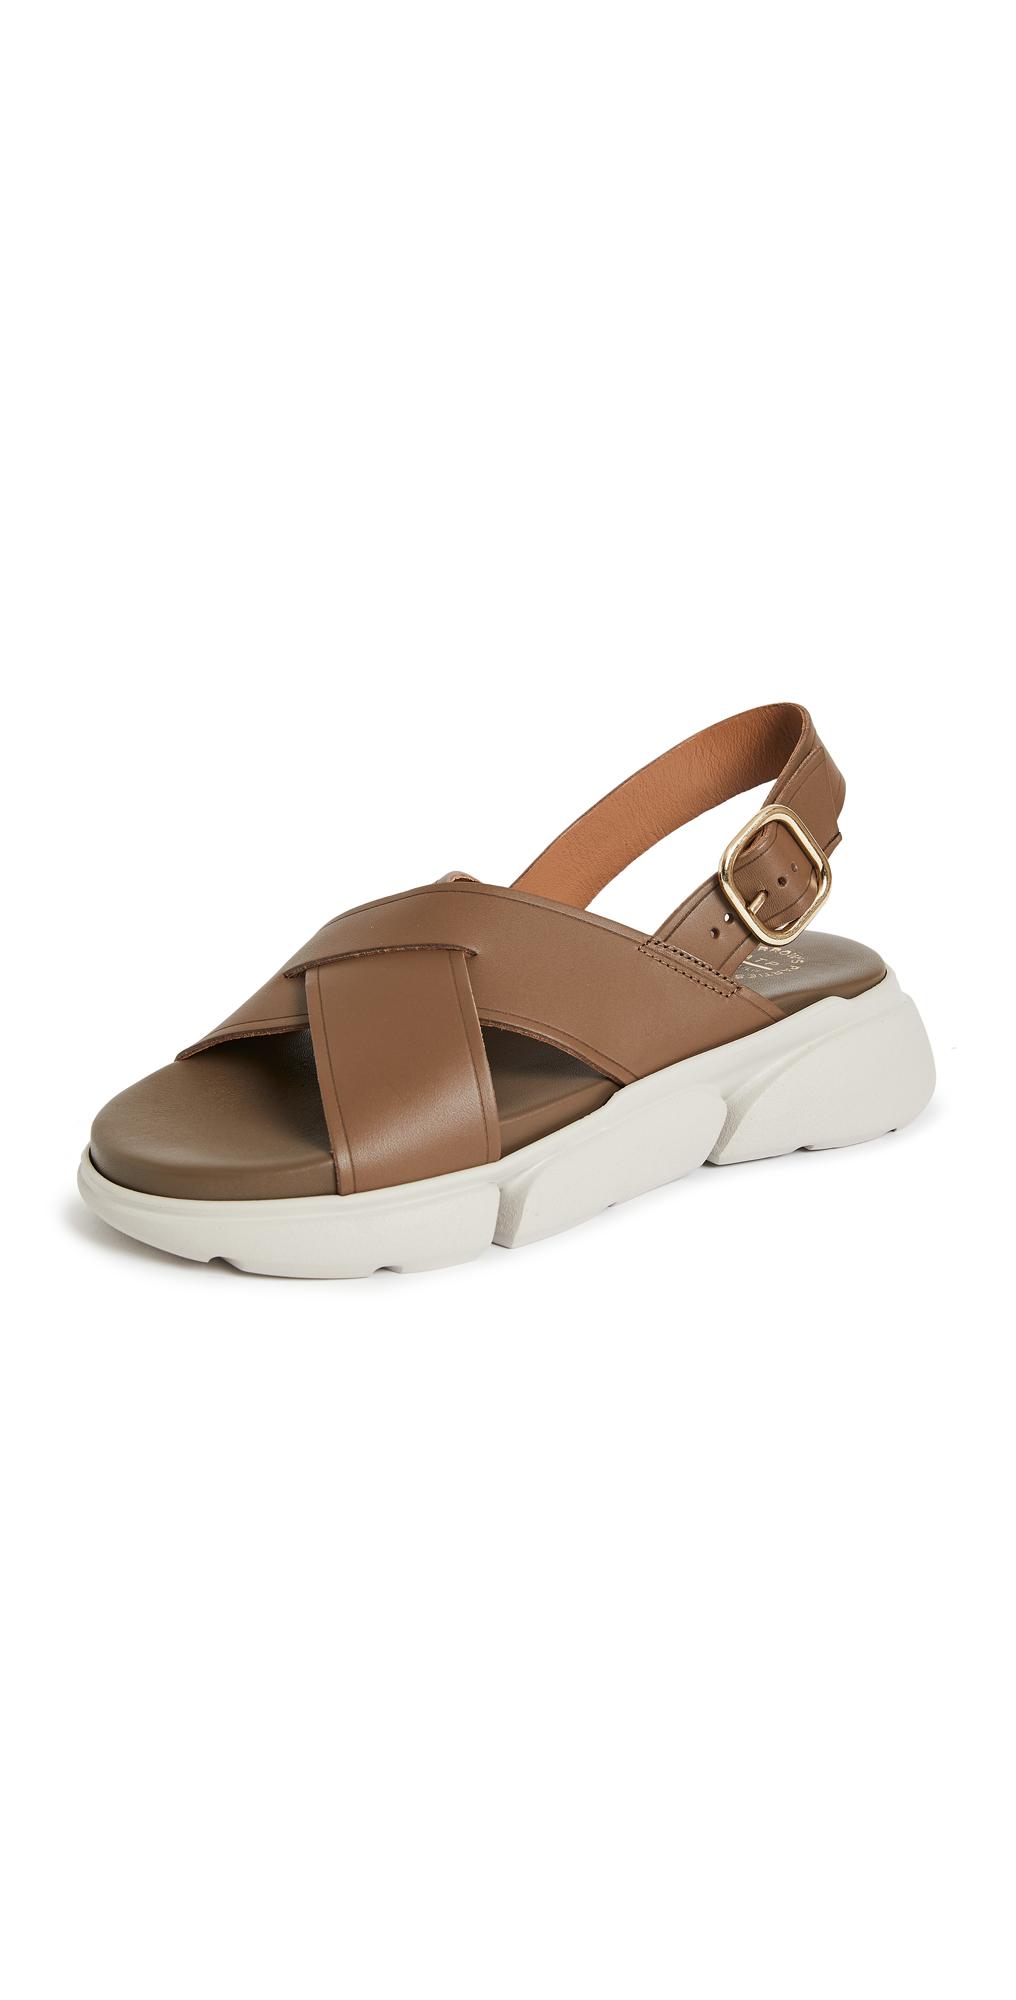 ATP Atelier Barisci Sandals